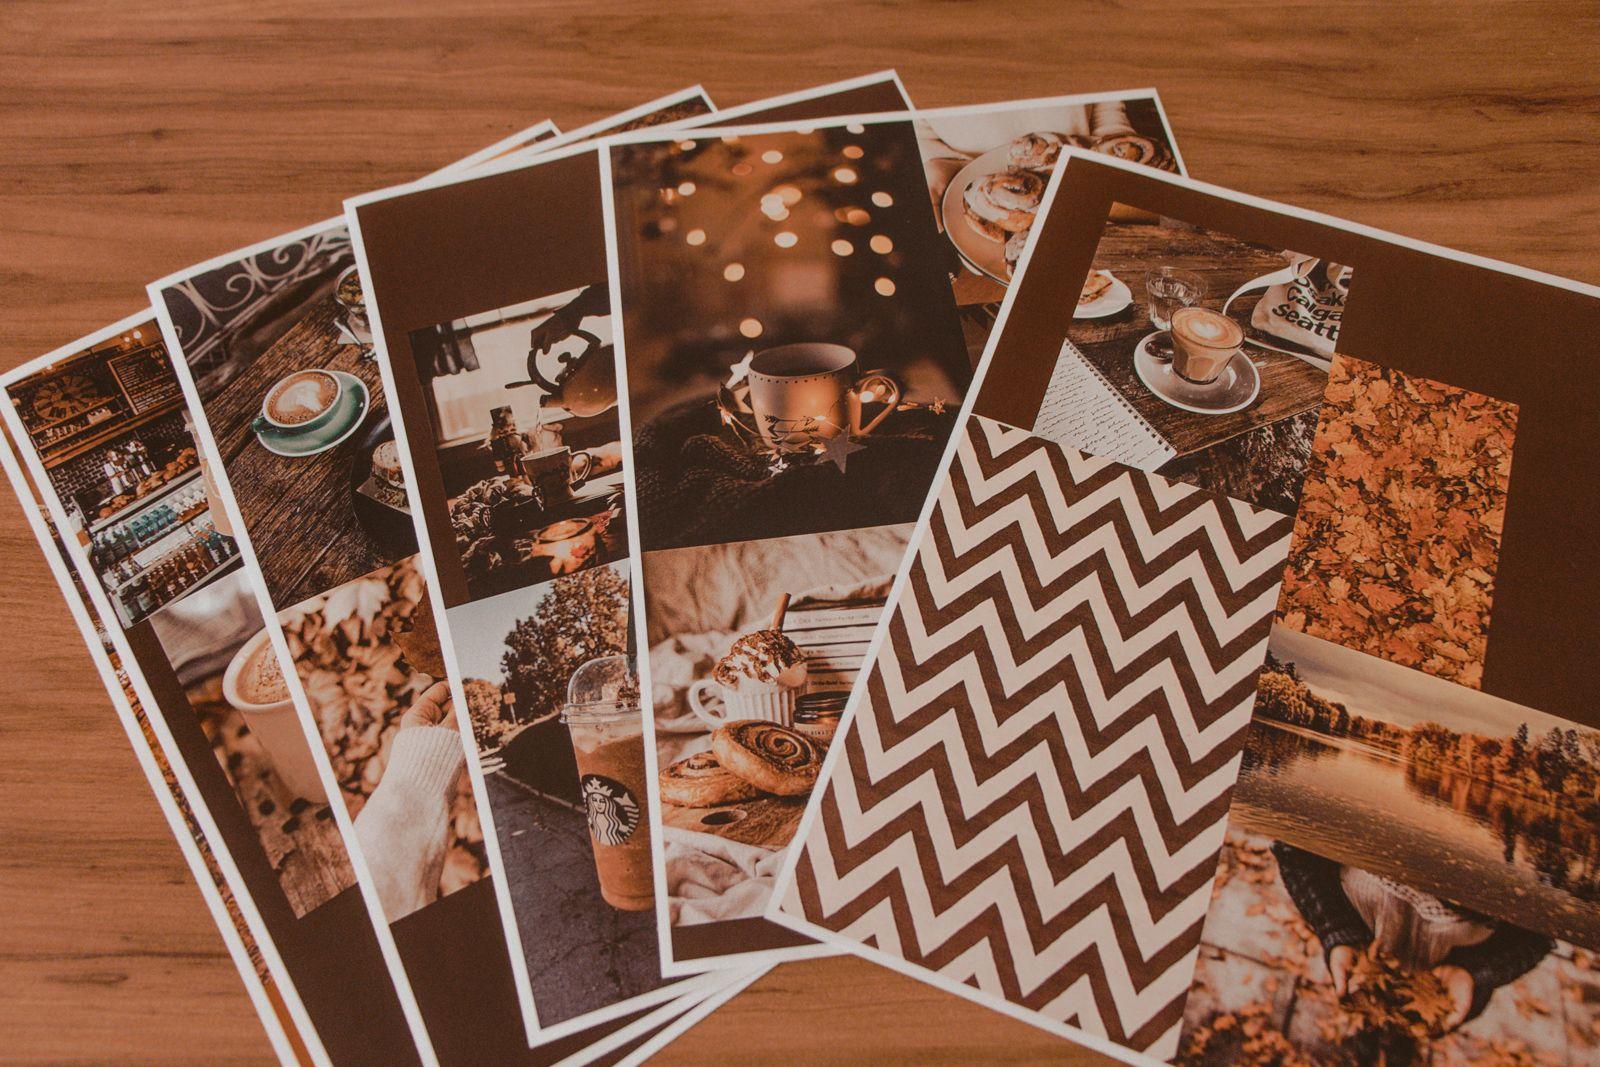 Fds em casa e última temporada de Modern Family imagens impressas